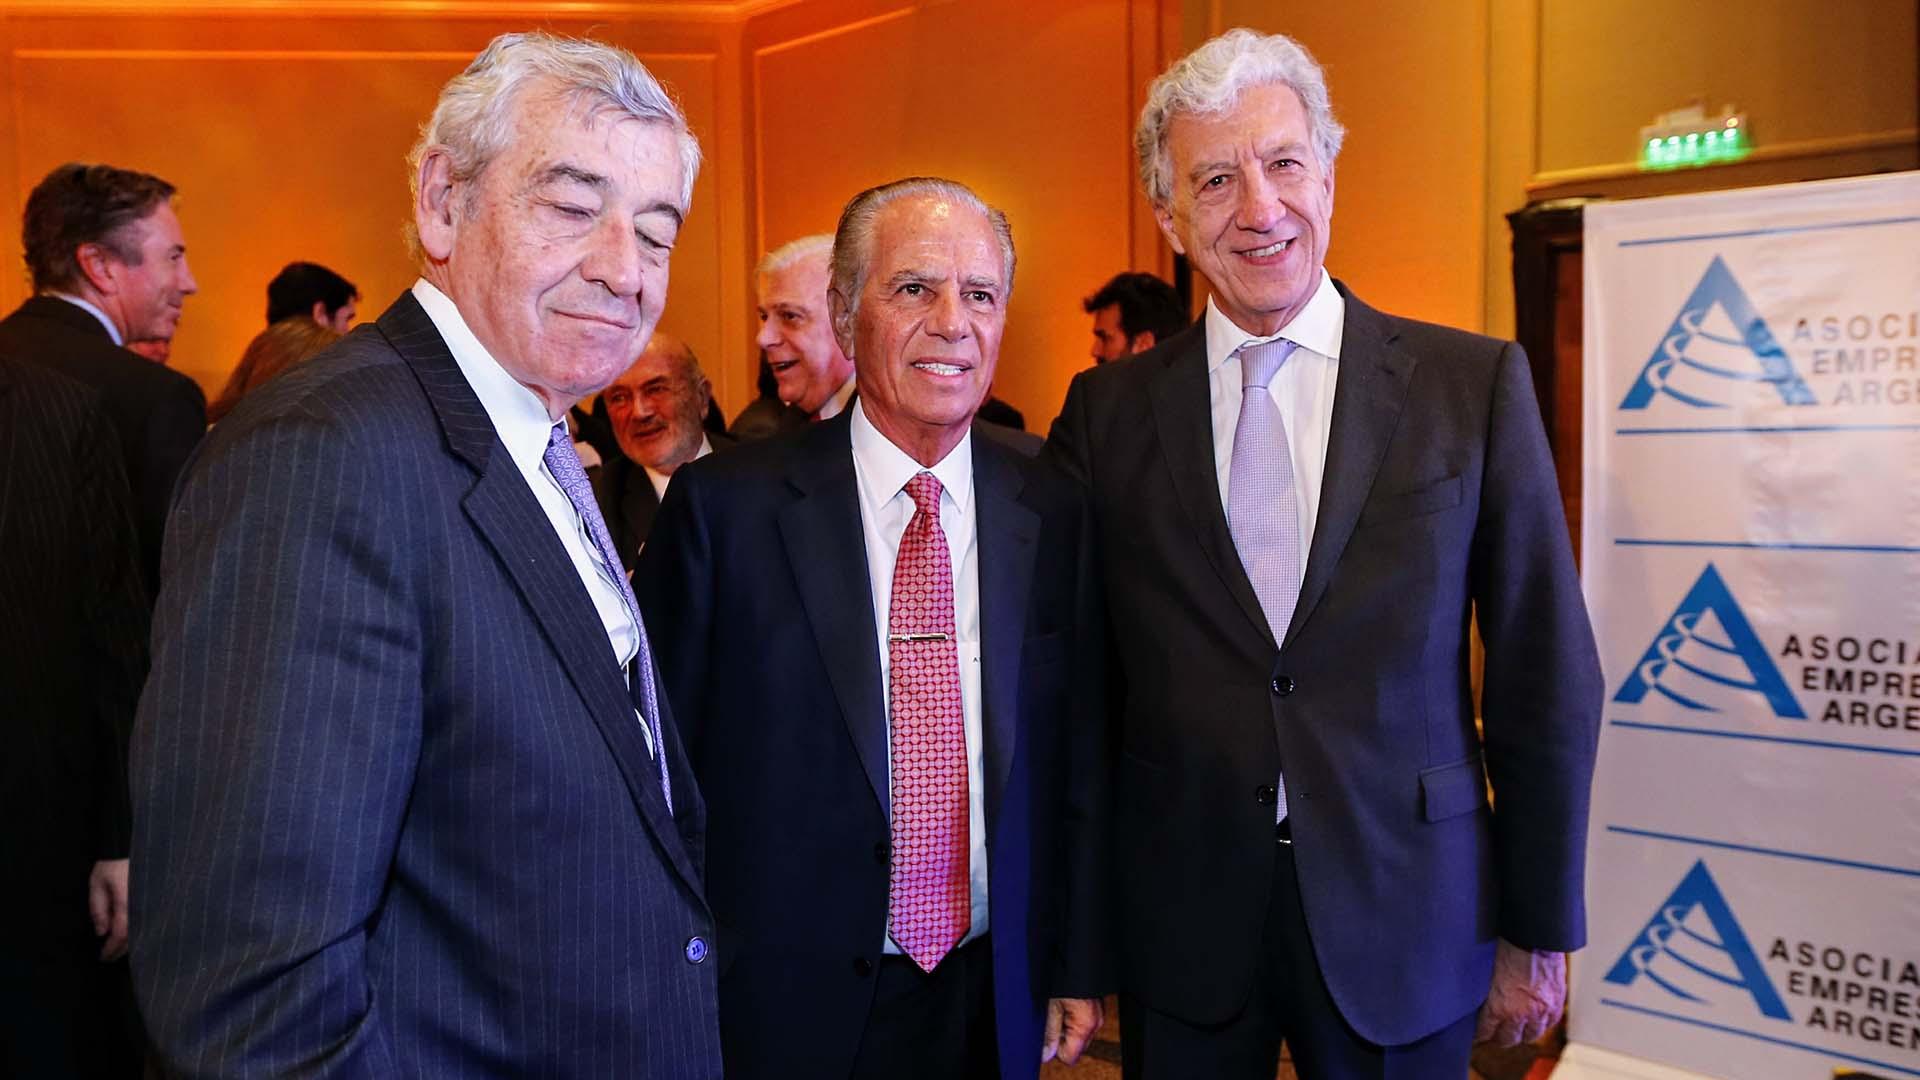 José Bordón, embajador argentino en Chile, Bulgheroni y Jaime Campos, presidente de AEA (Nicolás Aboaf)